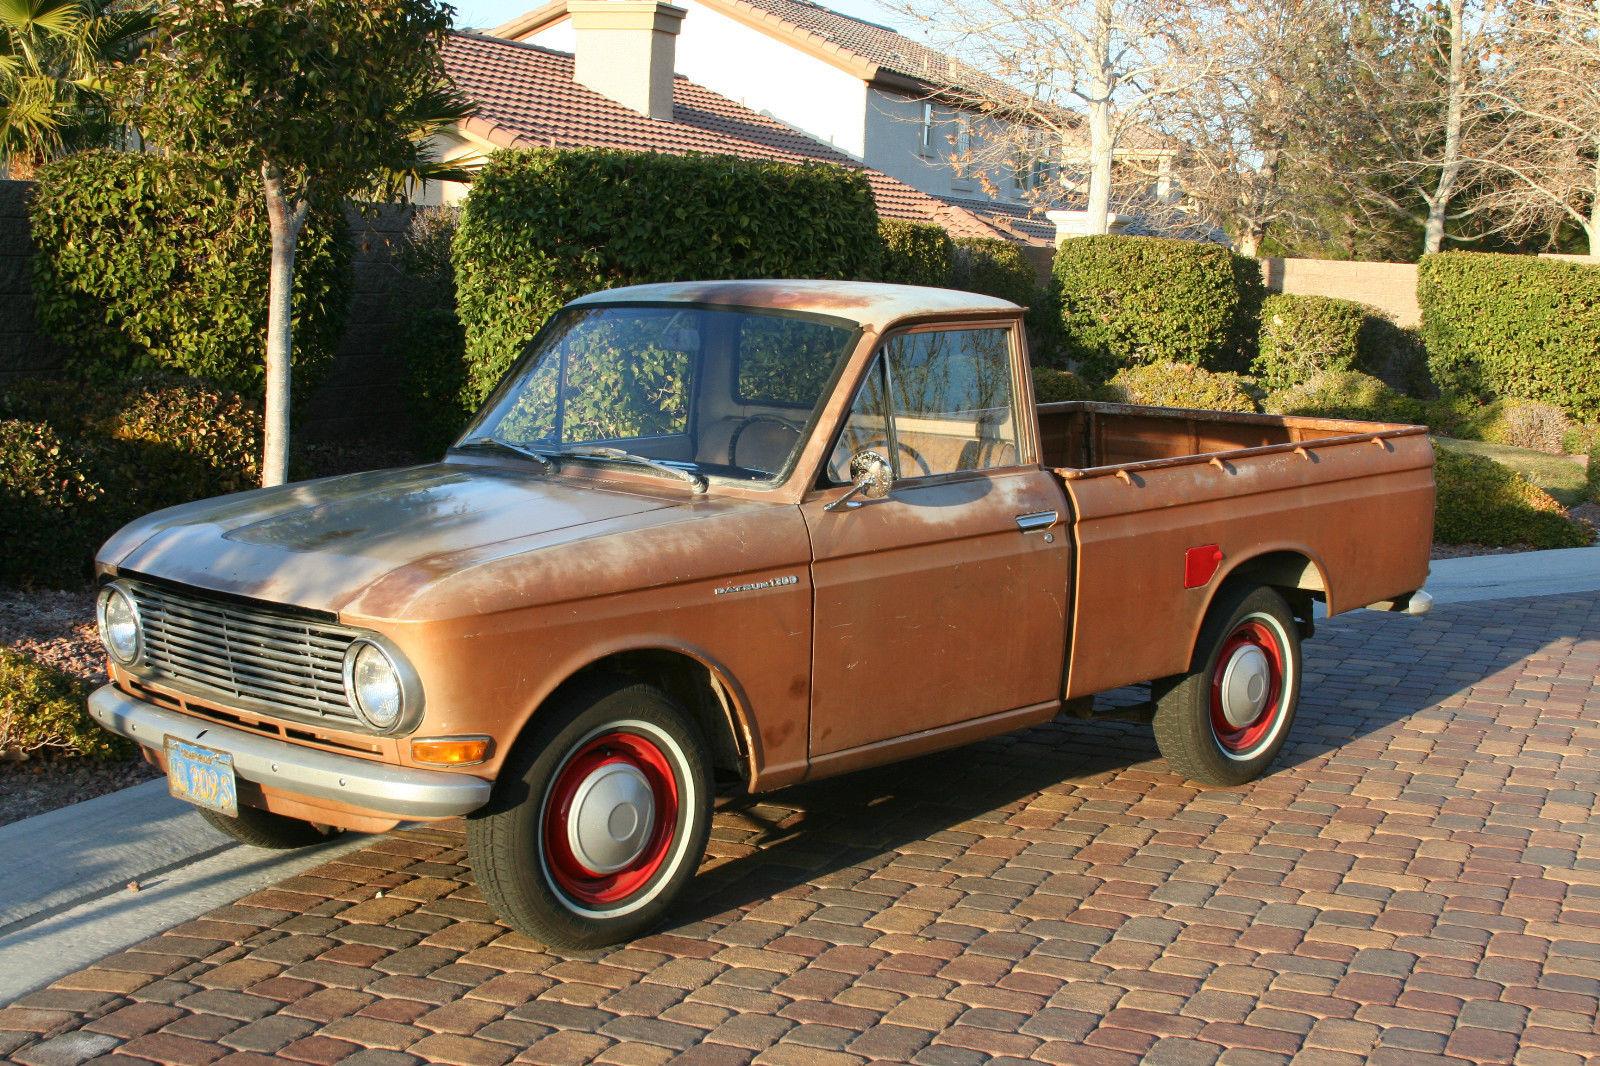 Nissan datsun 510 truck - 1966 Datsun Other